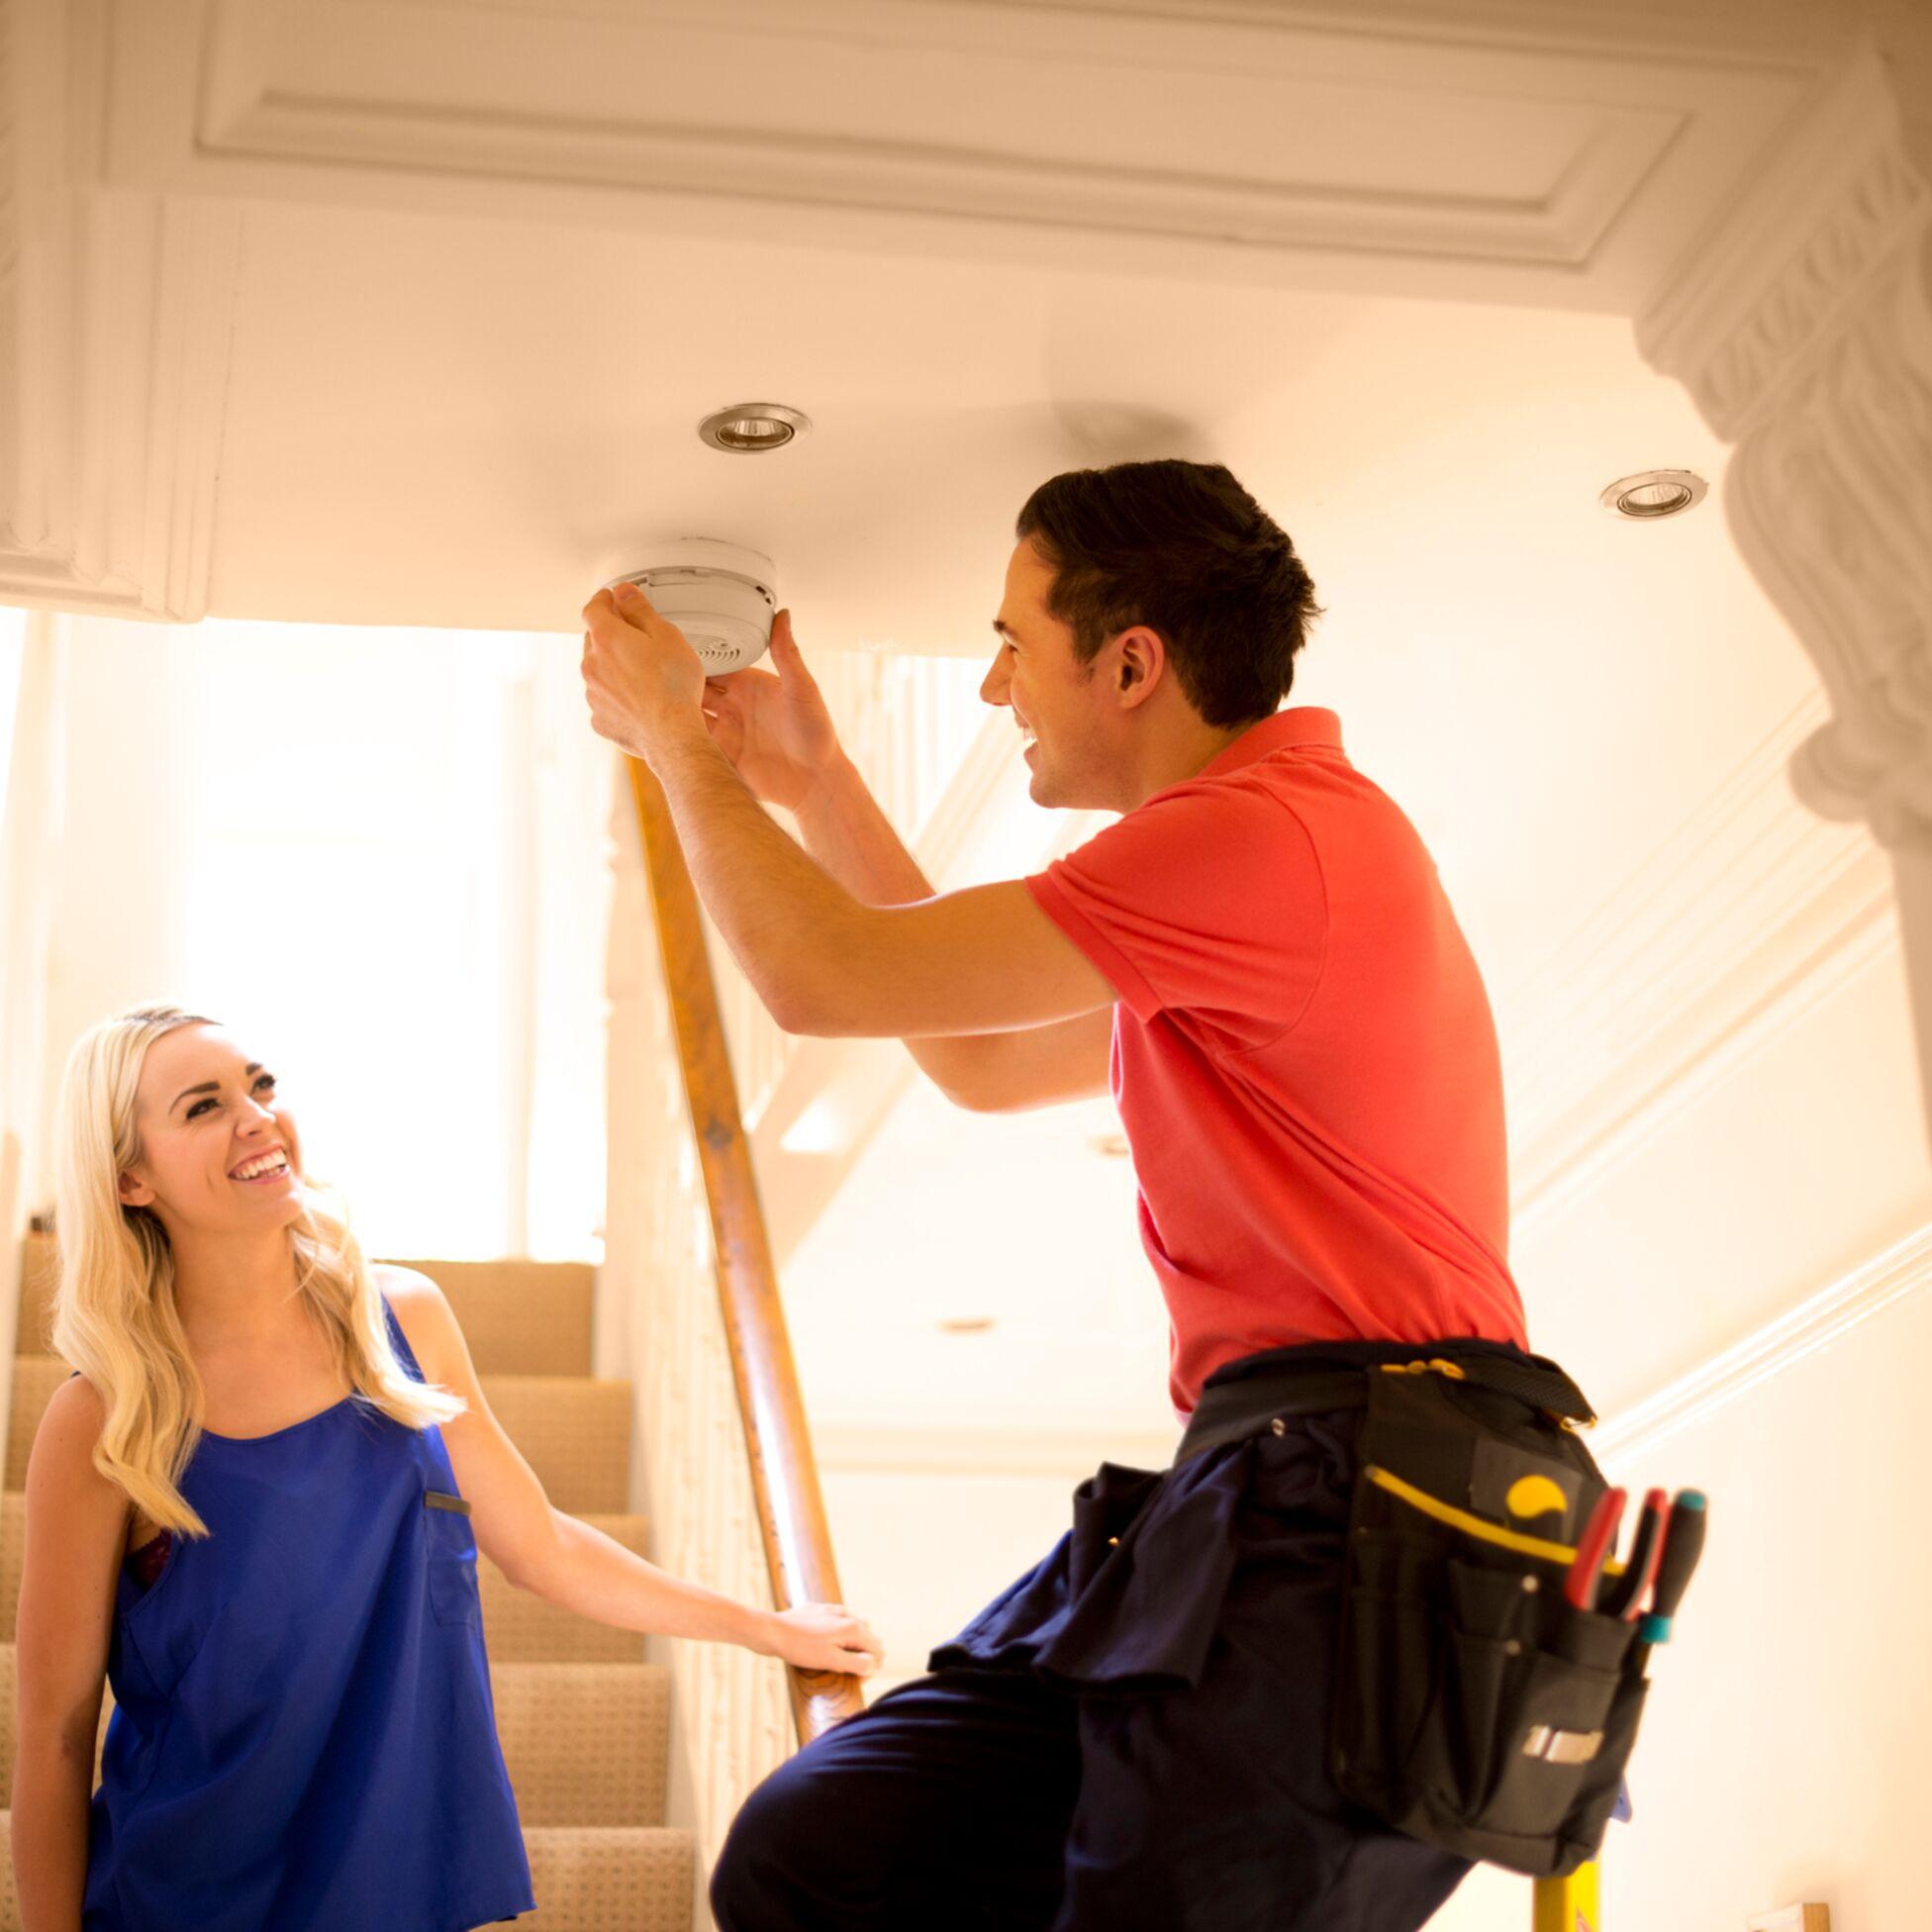 Mann hilft Frau beim Rauchmelder anbringen